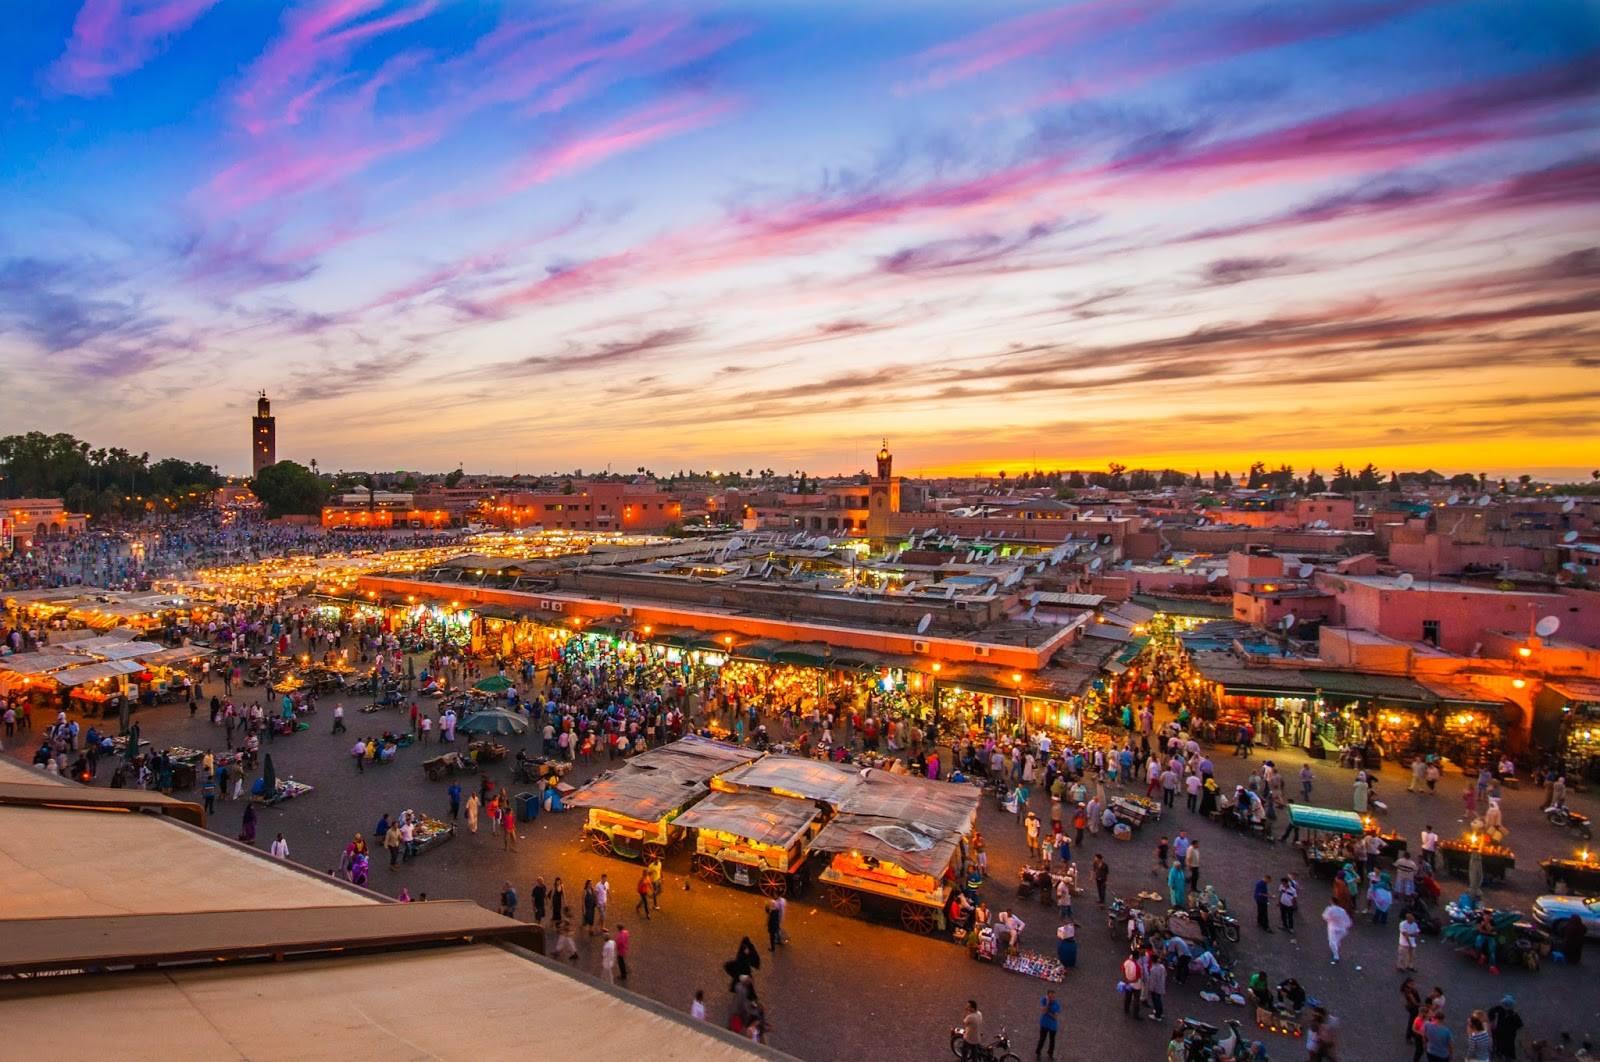 Marrakech - Essaouira - Agadir - Tafraout 4